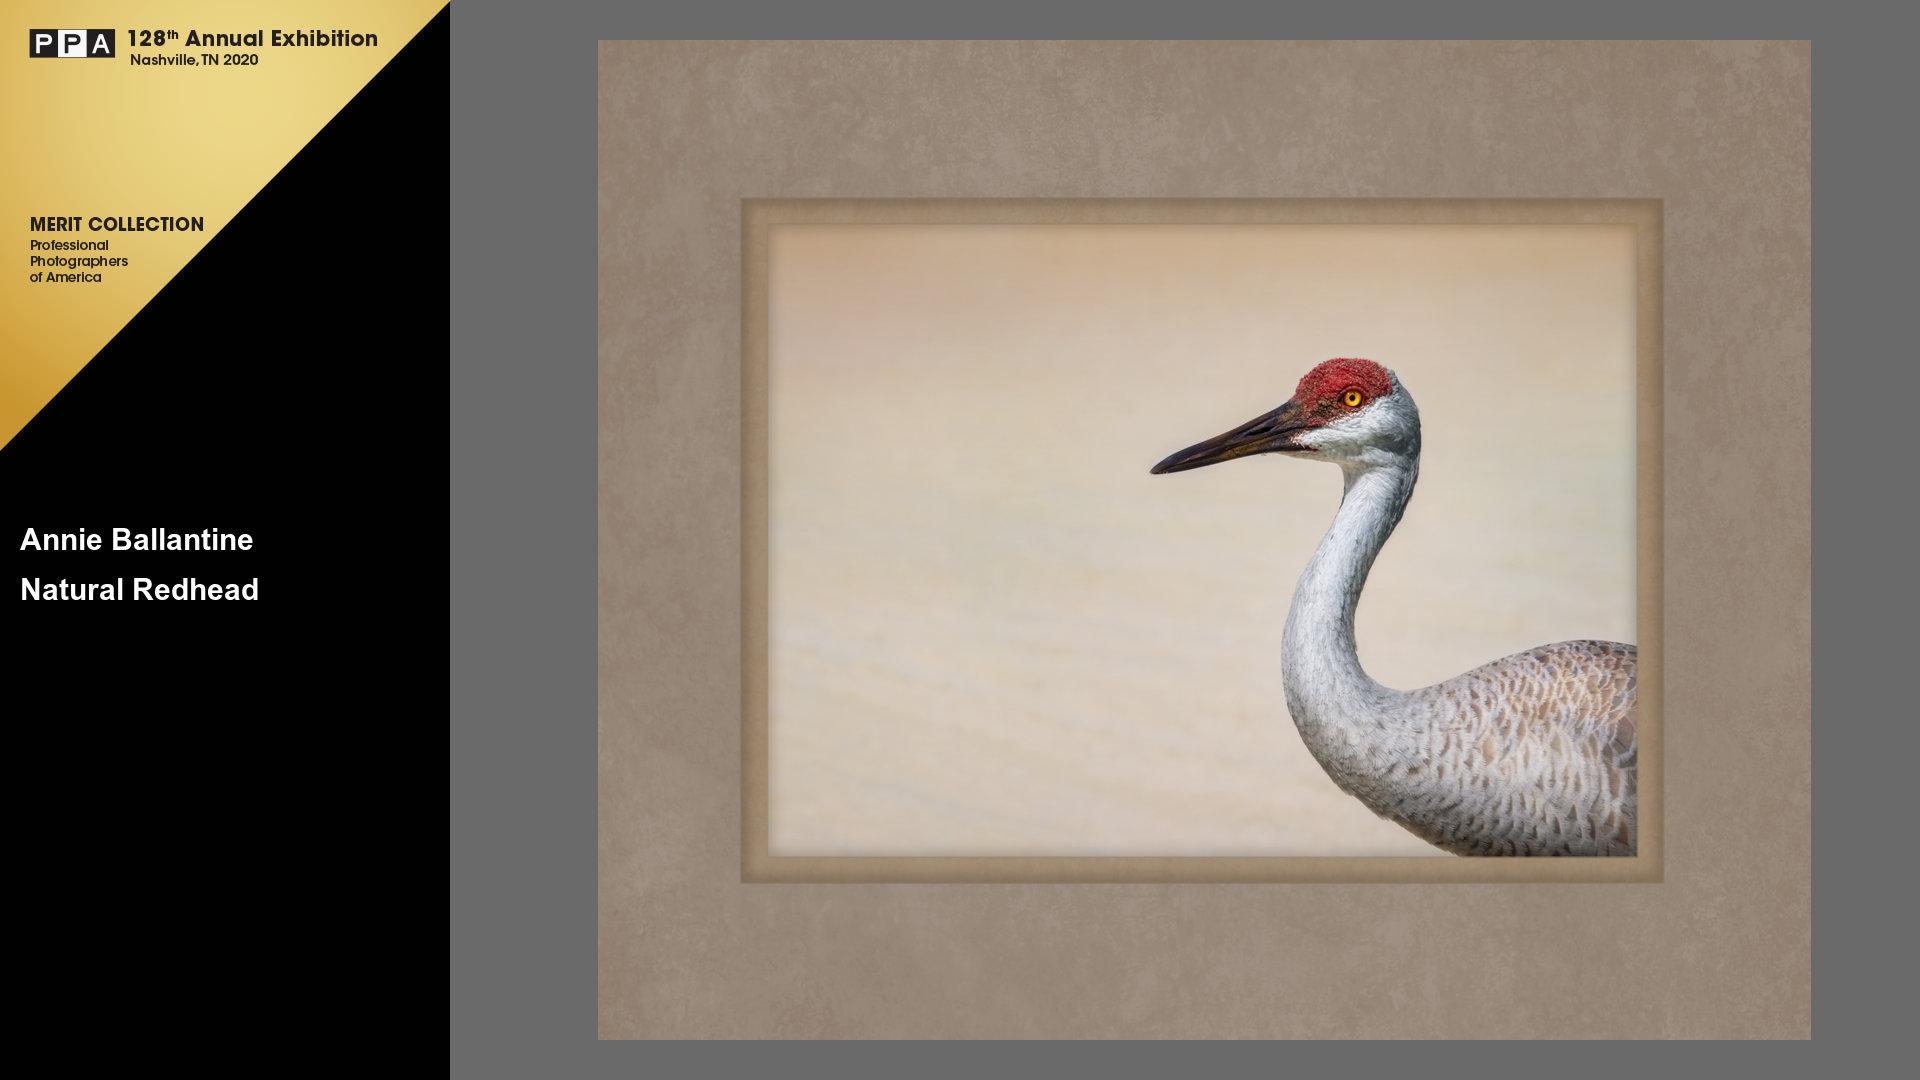 ipc-merit-image-sandhill-crane